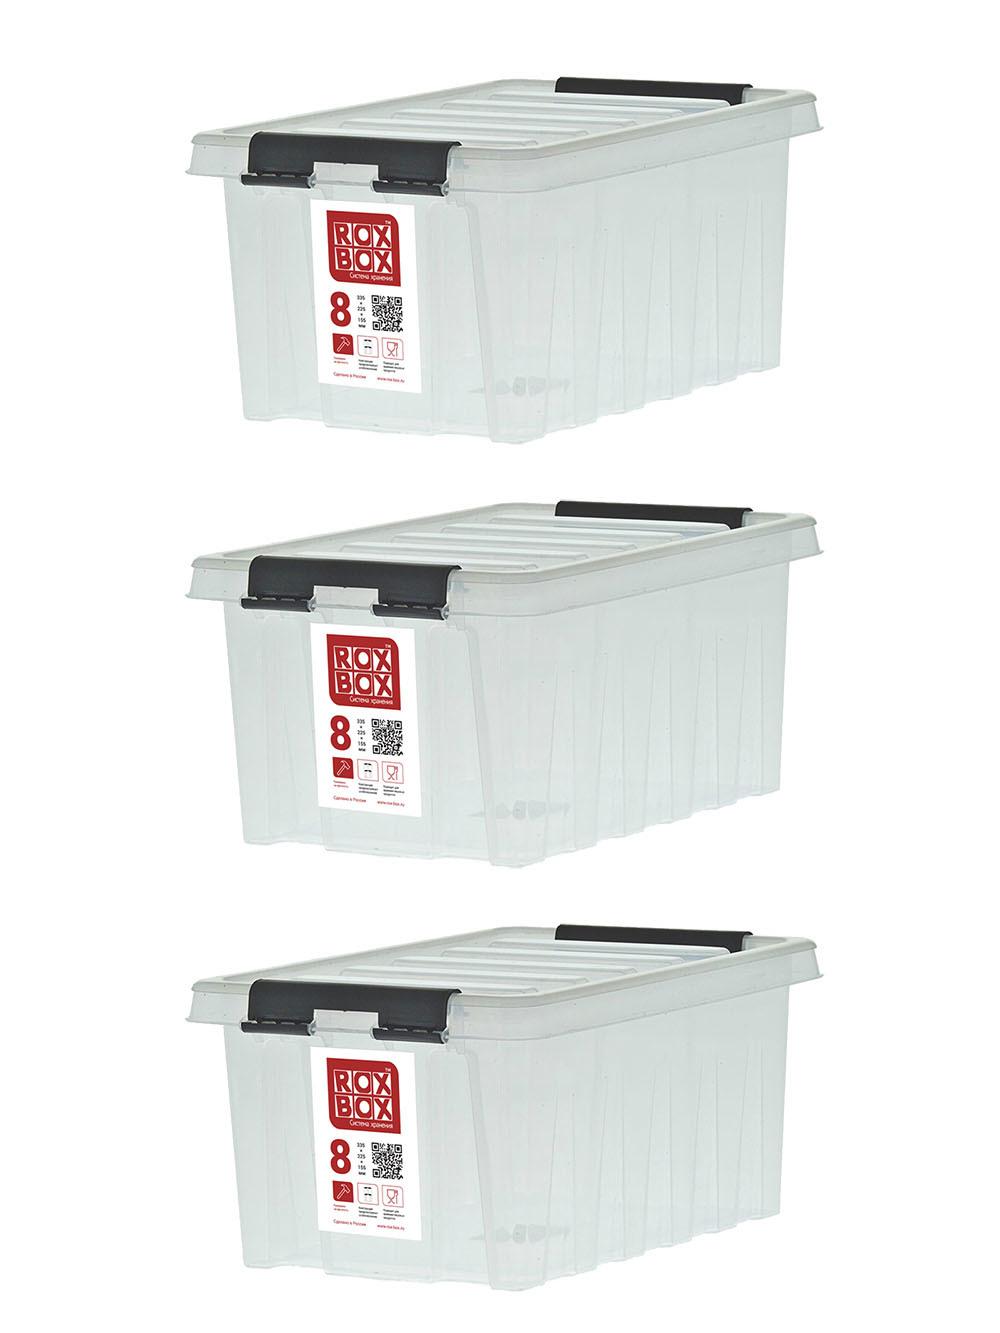 Ящик для хранения RoxBox с крышкой прозрачный 8 литров, набор из 3 штук ящик для хранения полимербыт с крышкой прозрачный пластик 16л